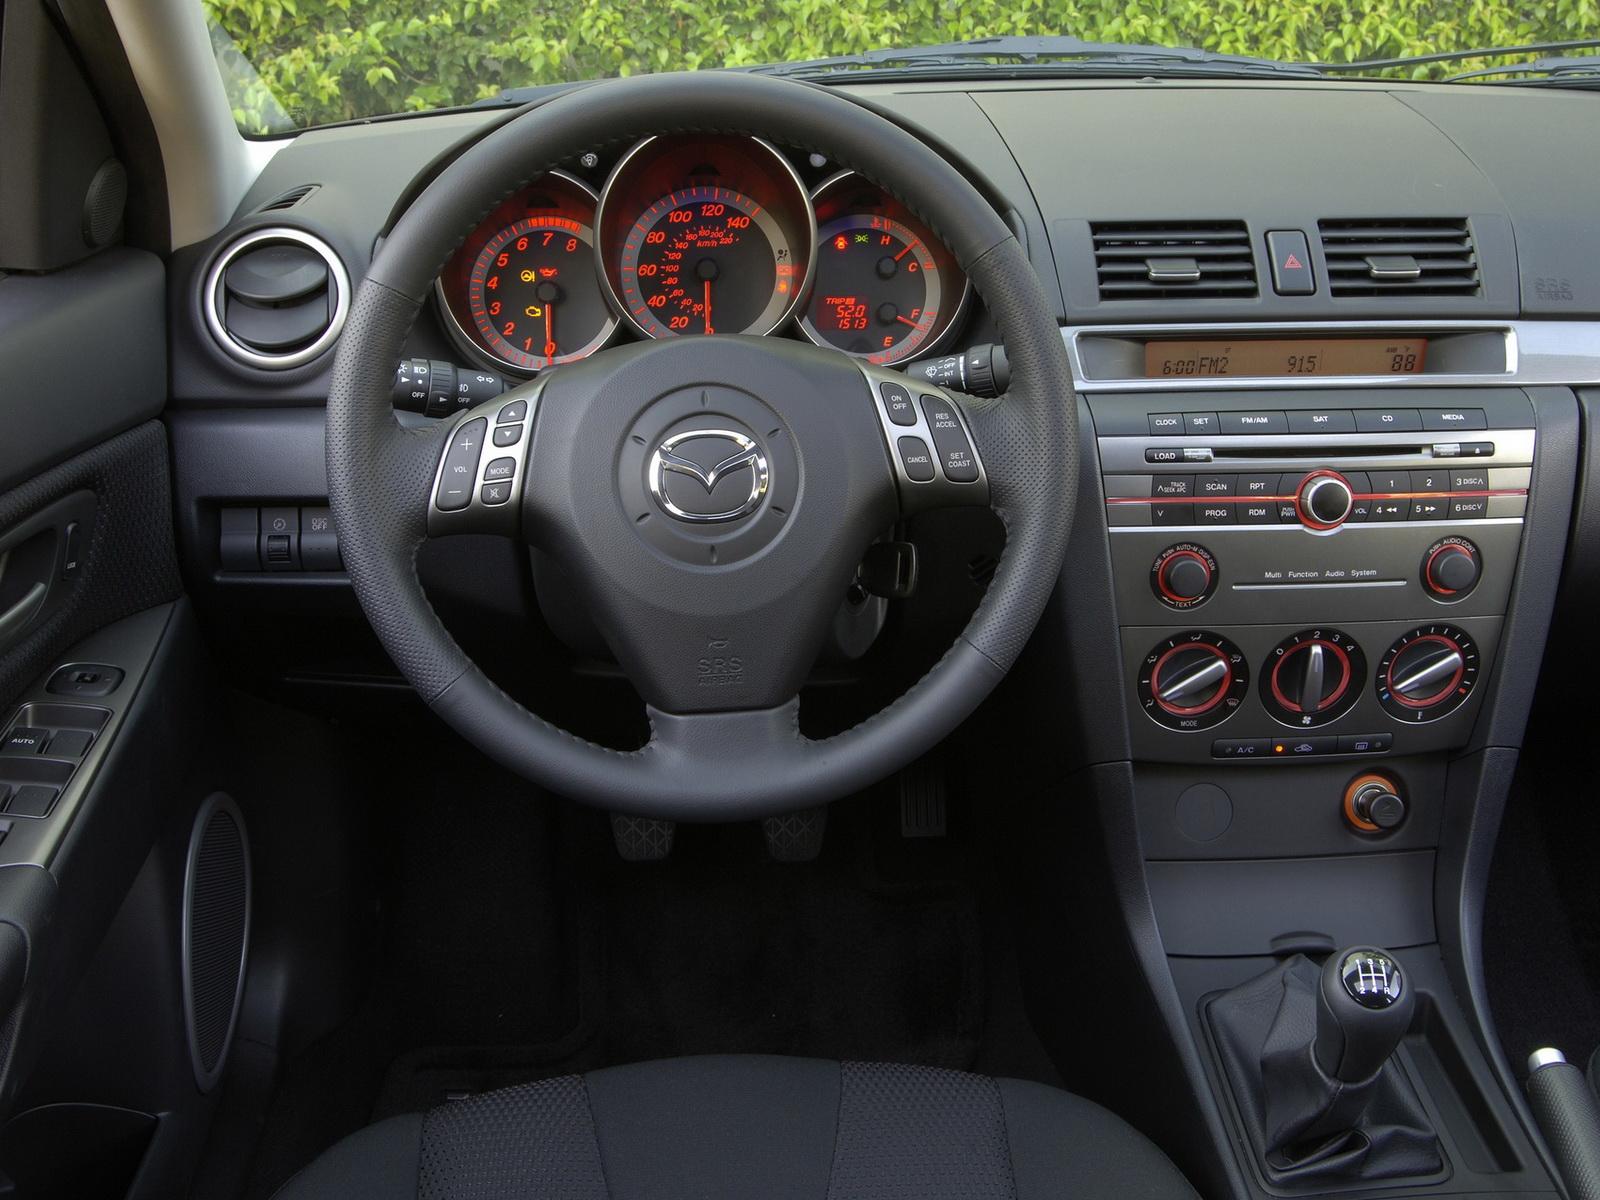 2006 Mazda MAZDA3 #18 Mazda MAZDA3 #18